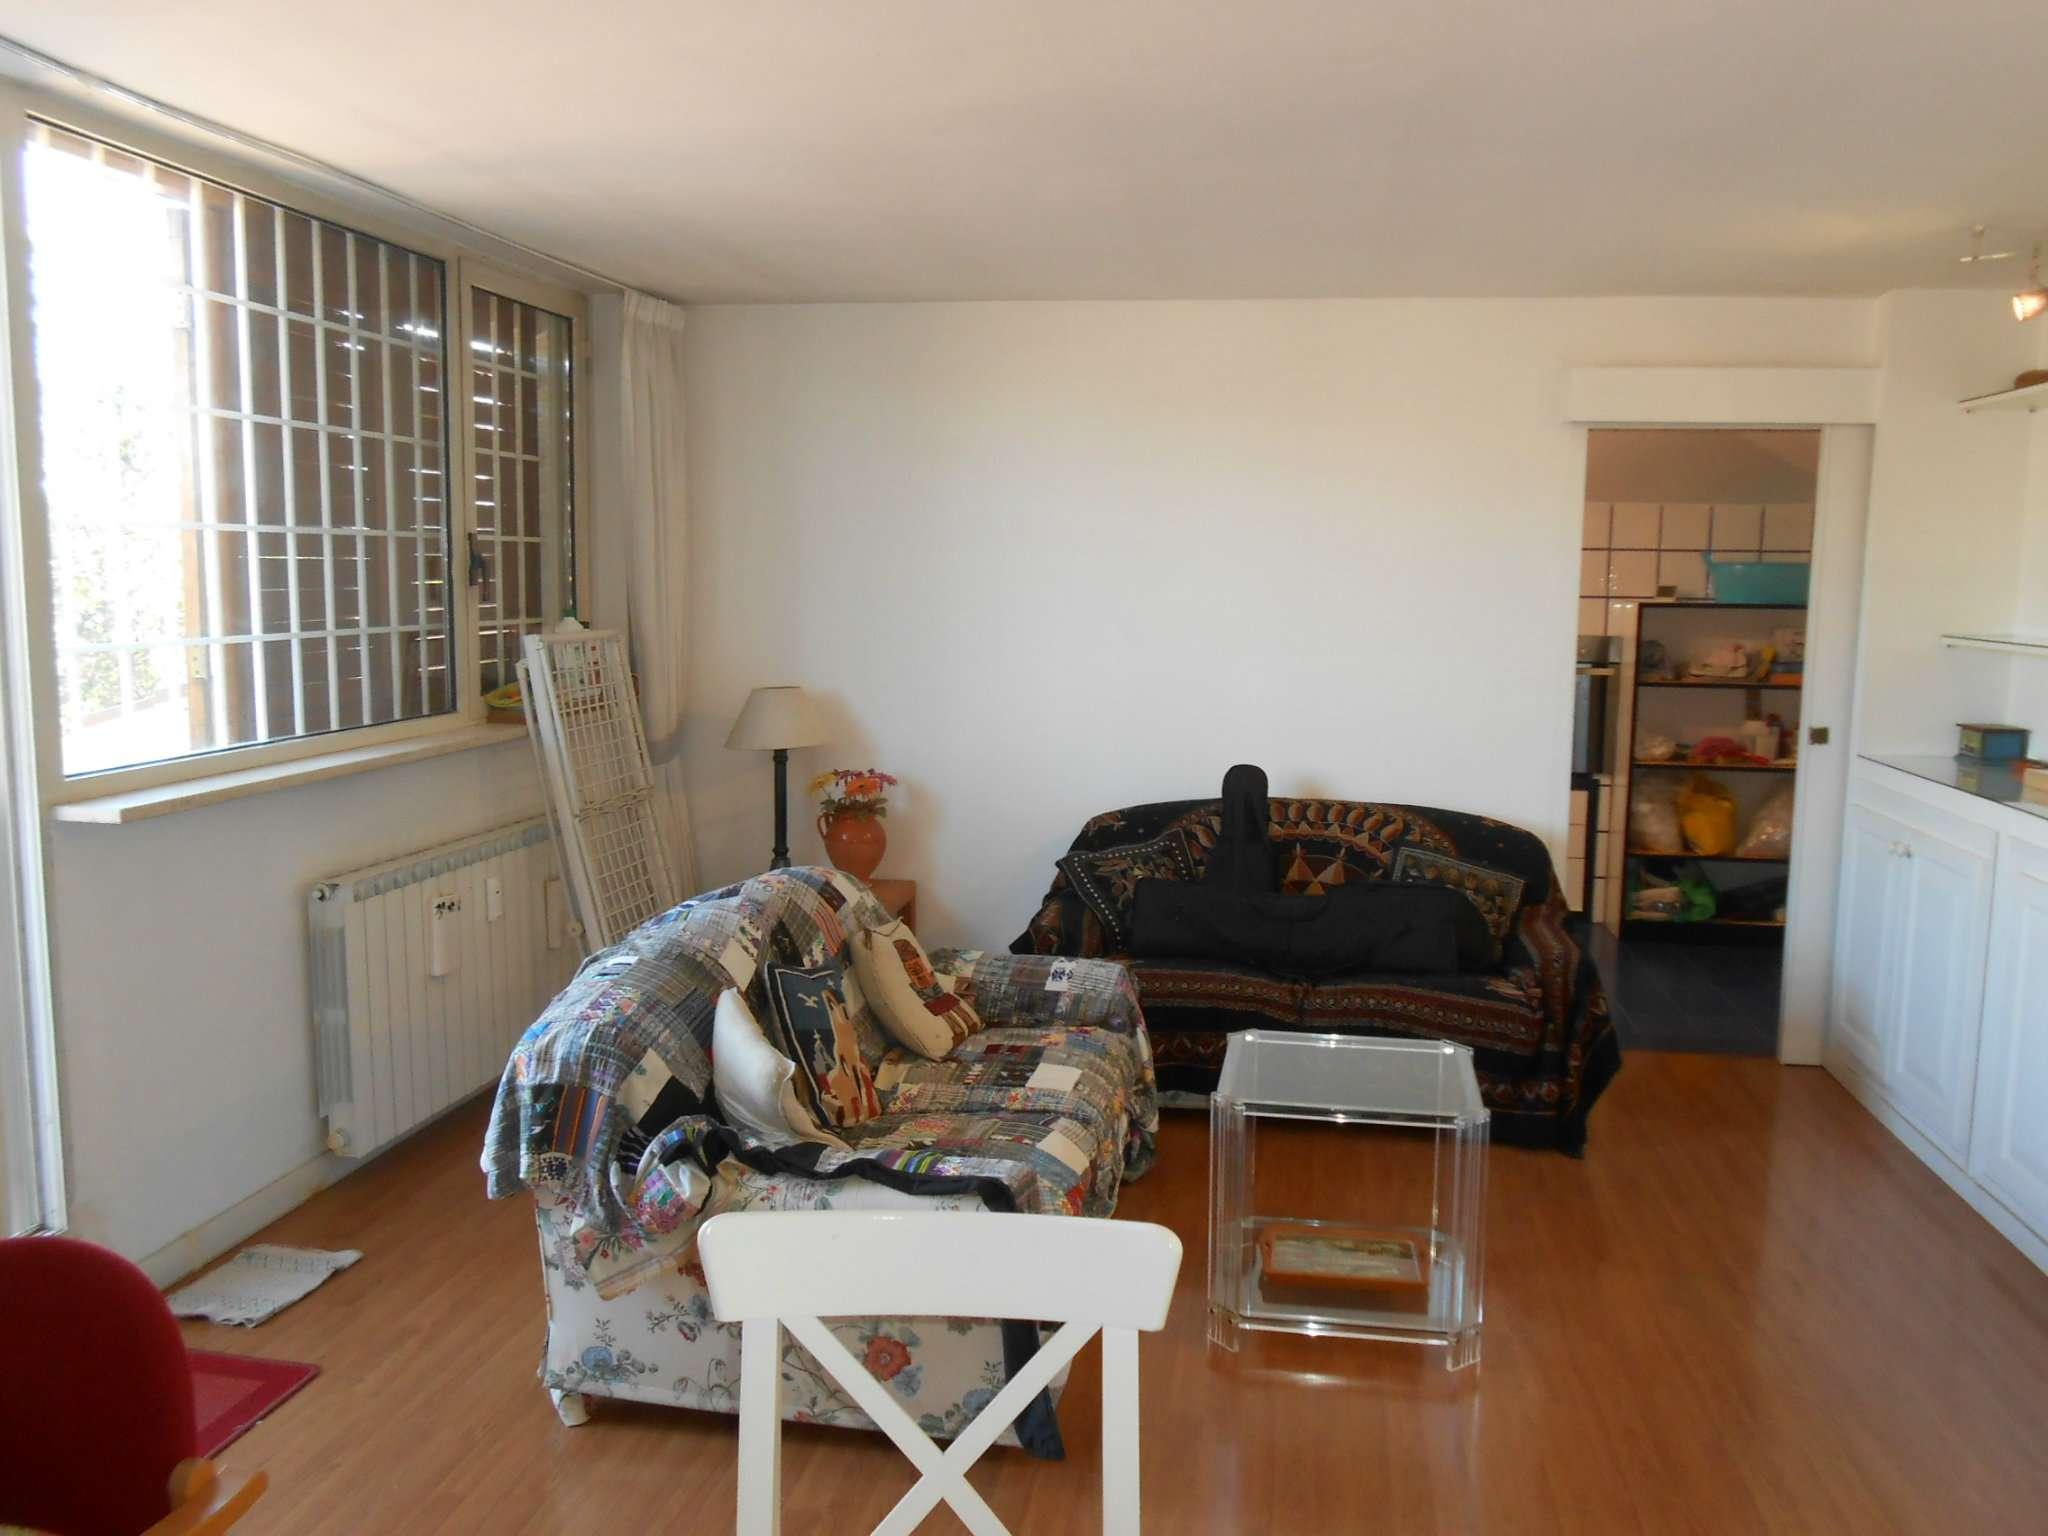 Appartamenti bilocali in affitto a roma for Appartamenti arredati in affitto a roma